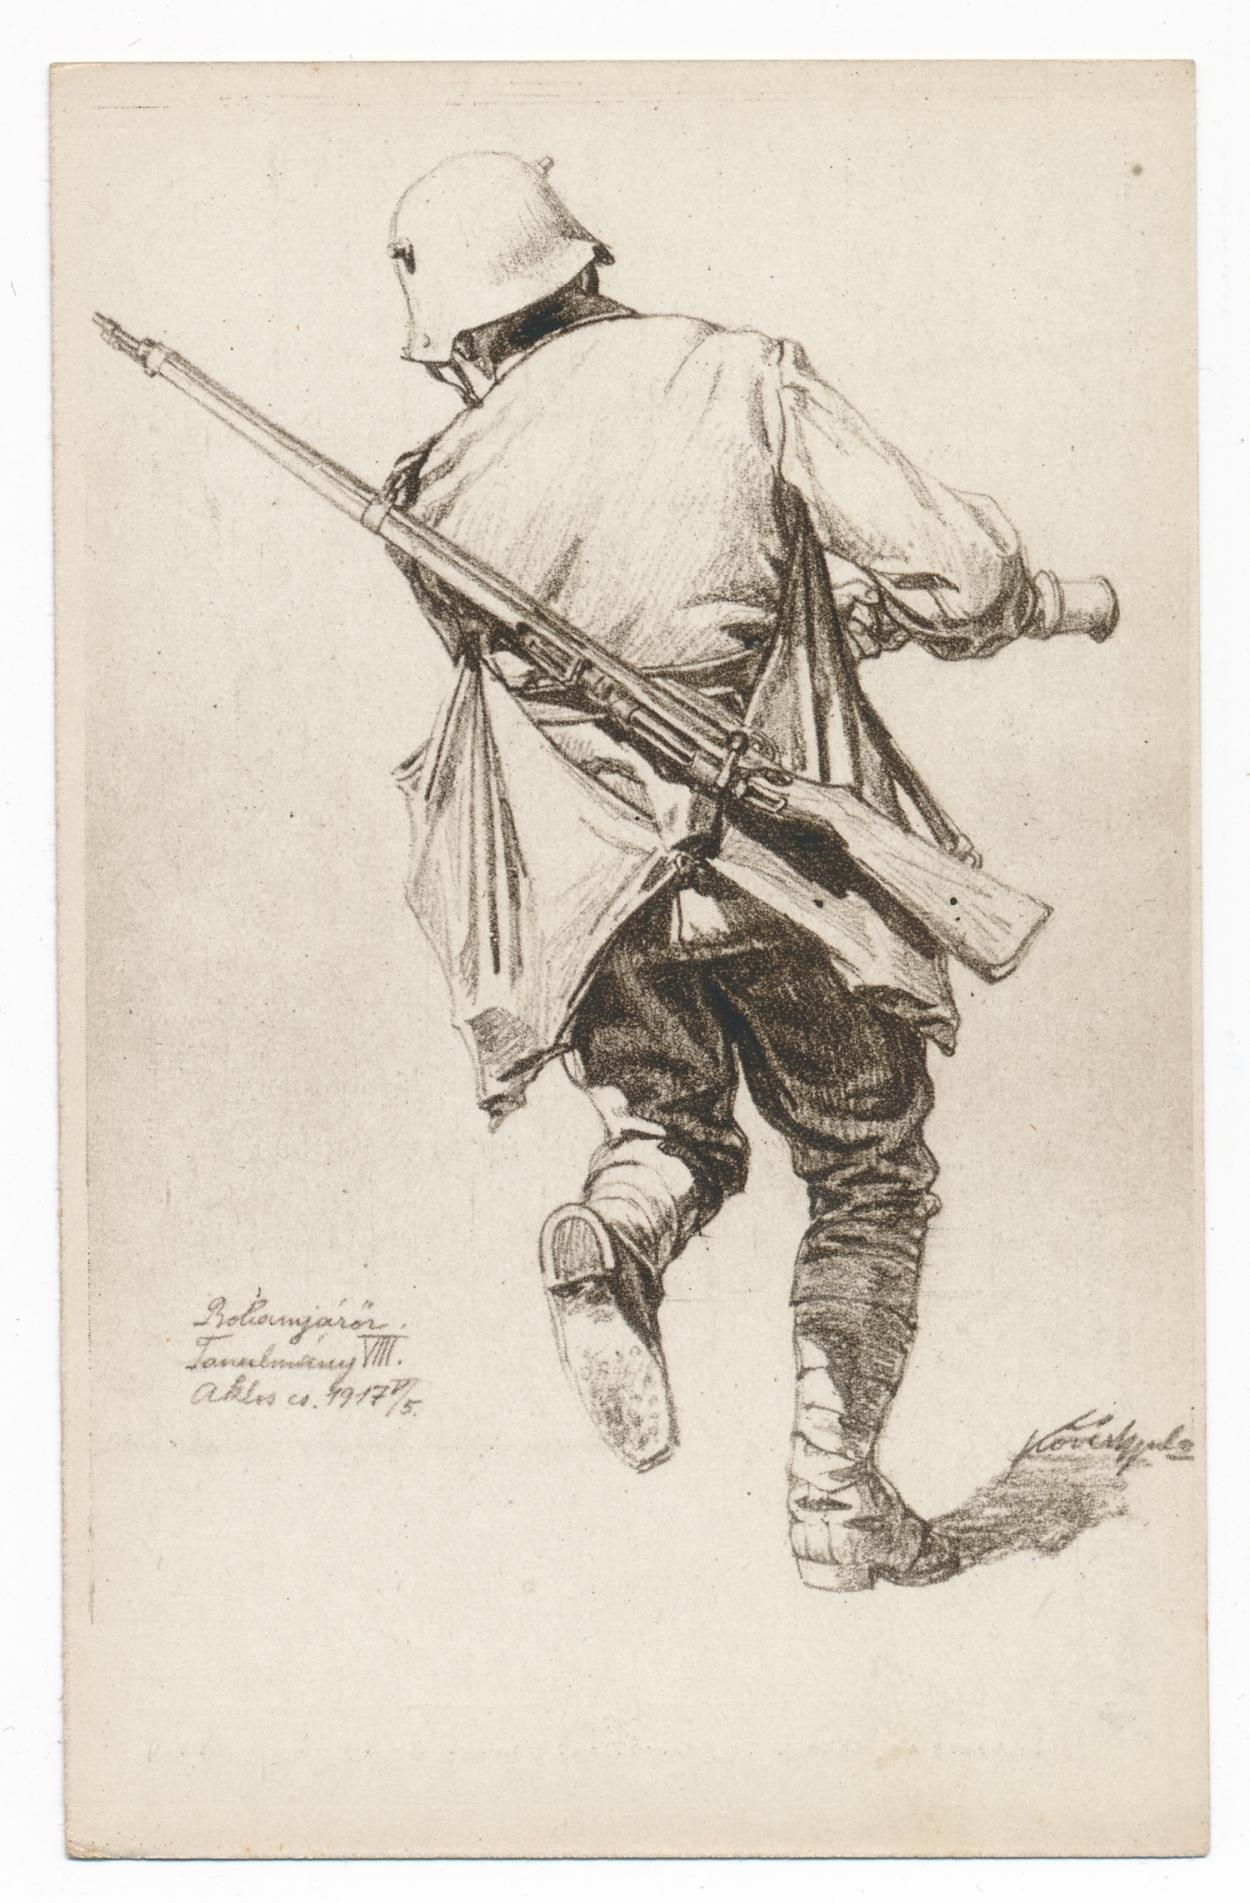 """""""Rohamjárőr Tanulmány VIII., 1917. május 5."""" Forrás: Béky Zoltán gyűjteménye. Érdemes megfigyelni a tipikus """"rohamista"""" felszerelést: acélsisak (szintén fordítva), gránát, ismétlőkarabély (bár a képen lévő fegyver inkább puskának tűnik), két gránátzsák a vállon átvetve, benne további nyeles kézigránátok."""